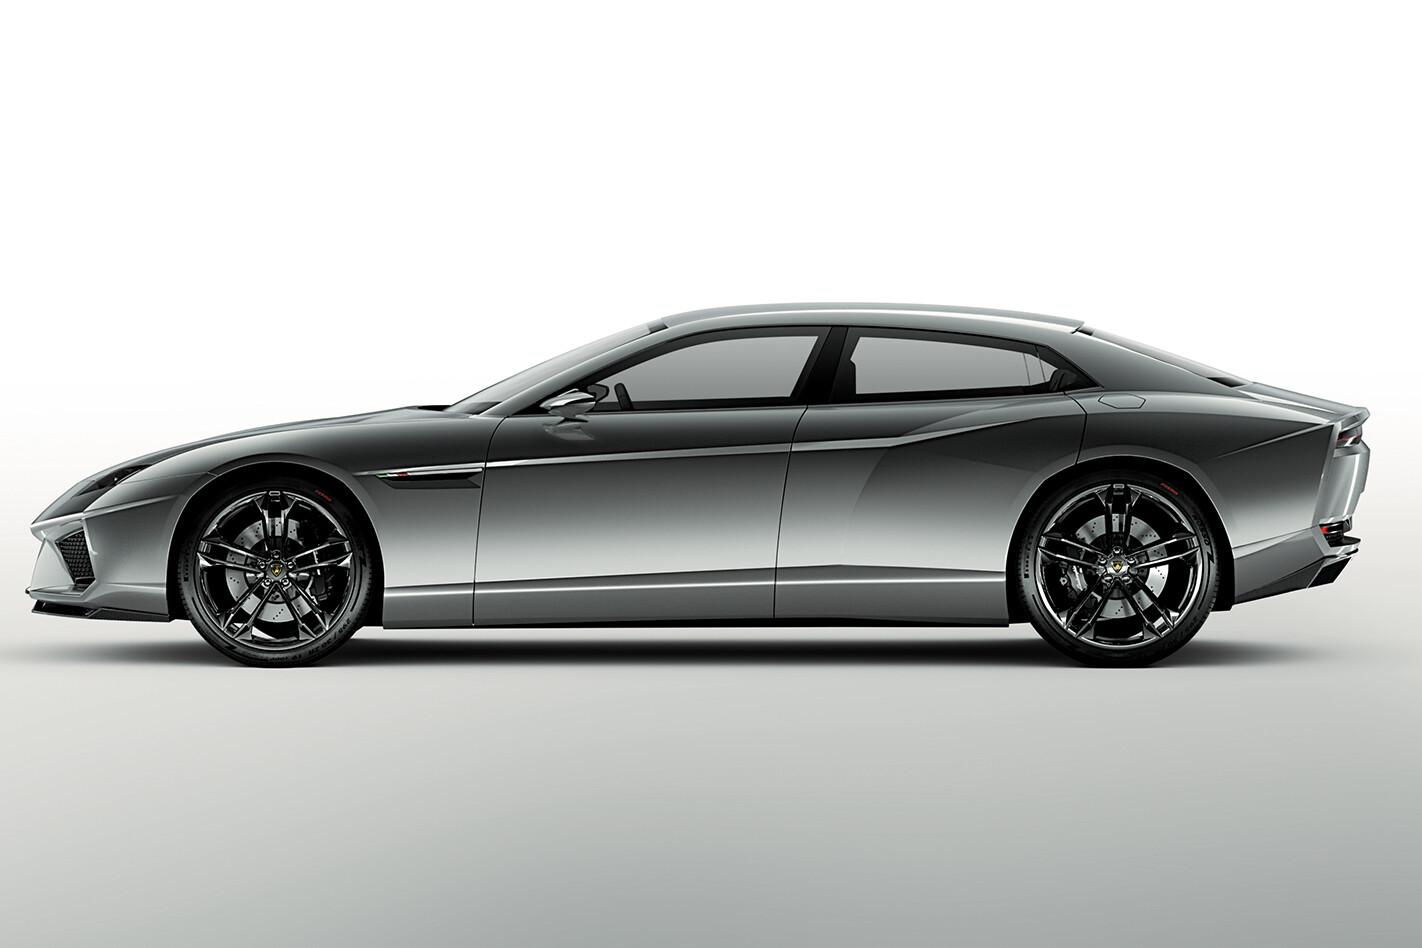 Lamborghini-Estoque-side.jpg